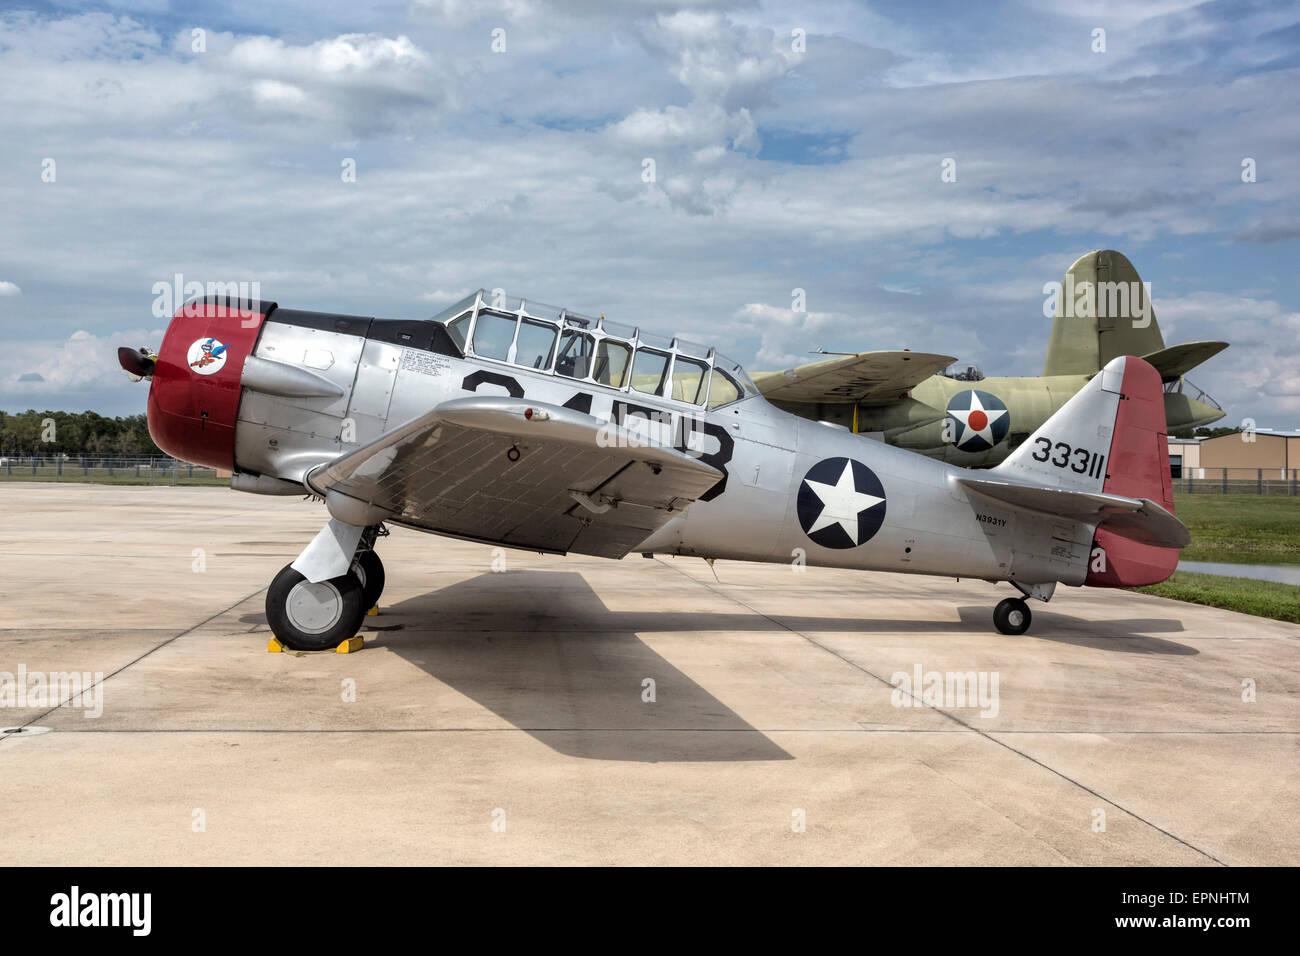 North American AT6 Texan - Stock Image